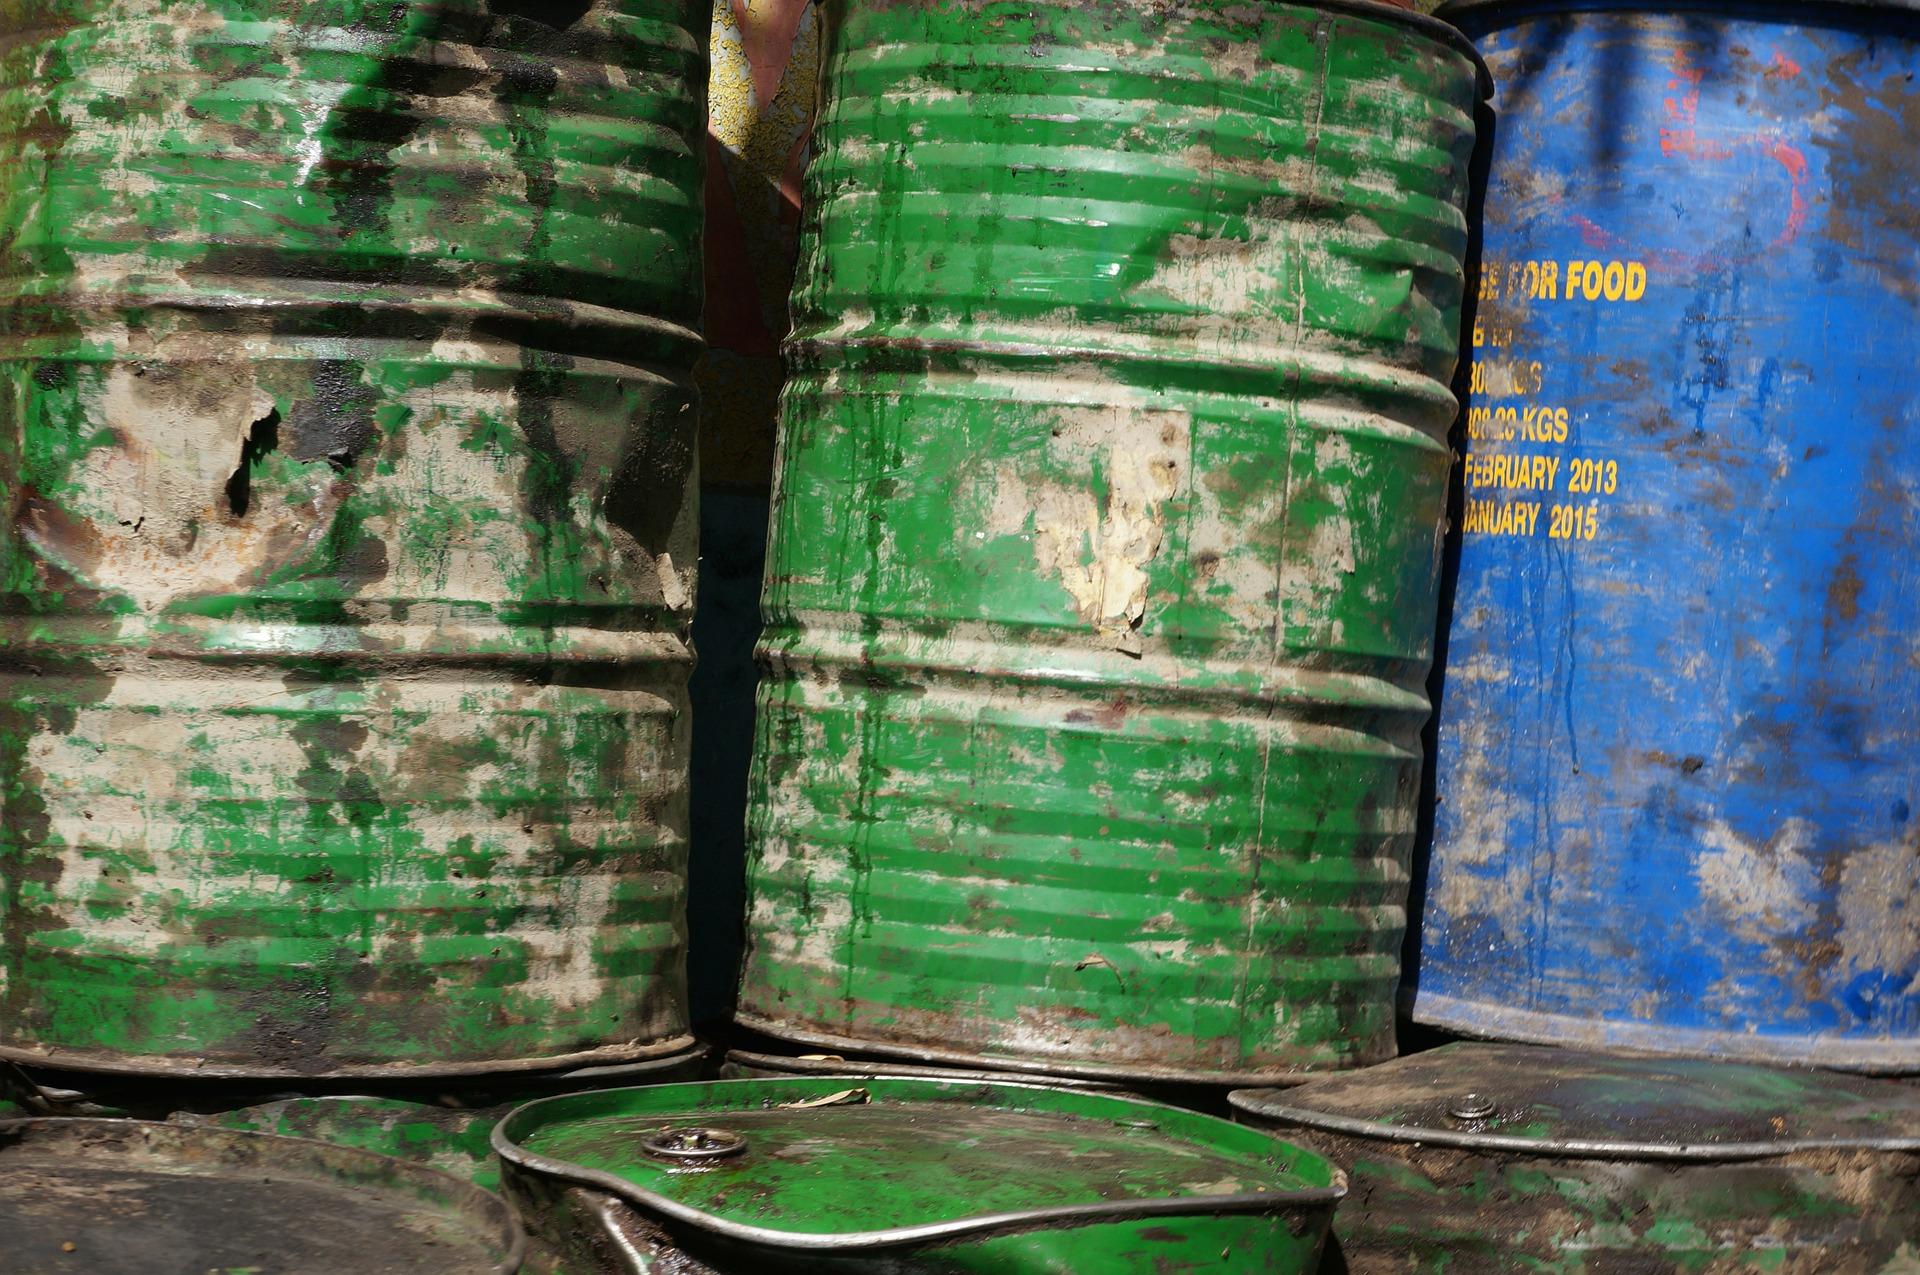 Податкова та Мінагрополітики вирішуватимуть проблеми ліцензування обігу пального аграріями